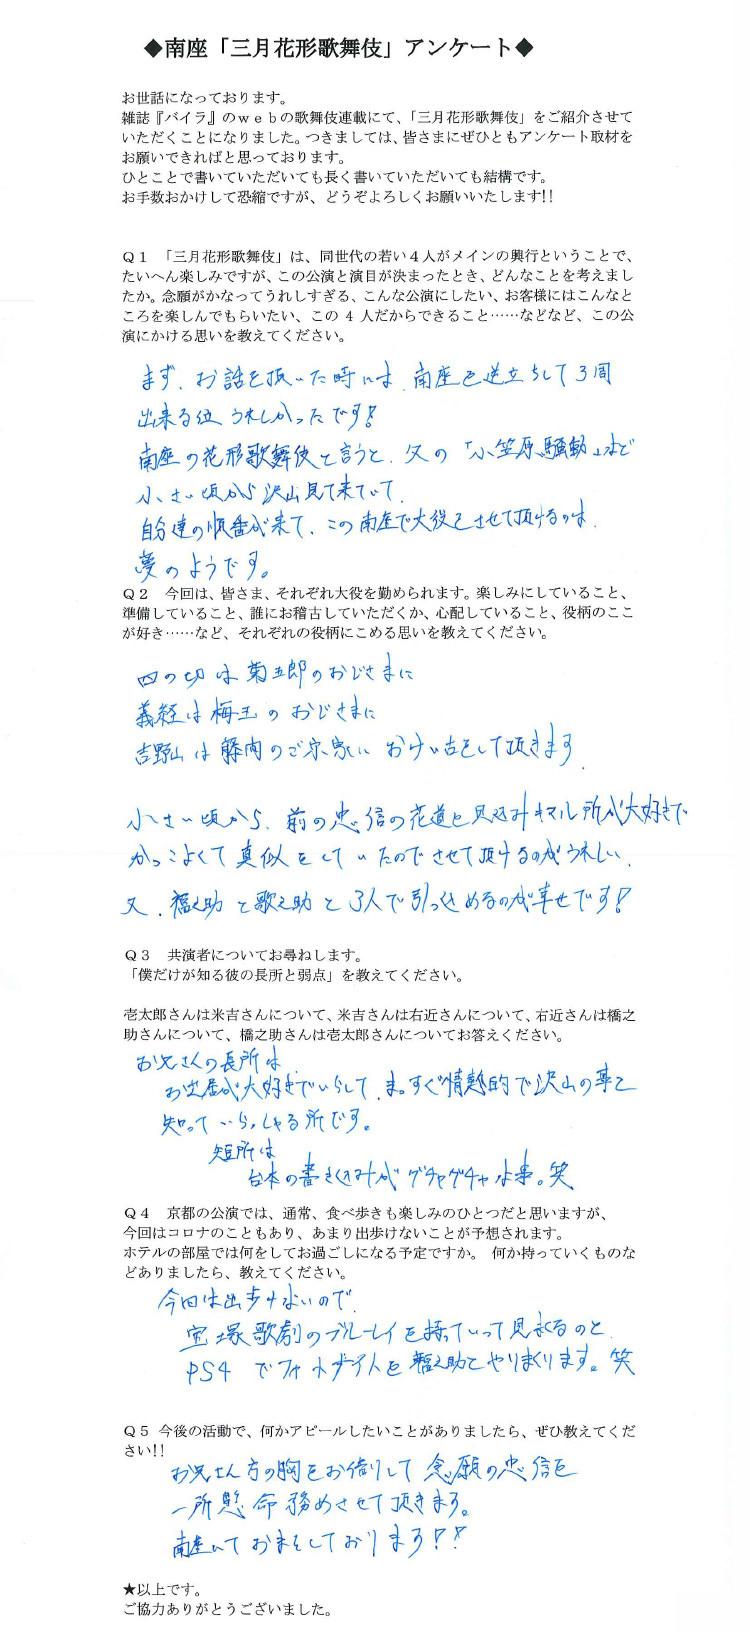 花形歌舞伎俳優の中村橋之助のアンケート